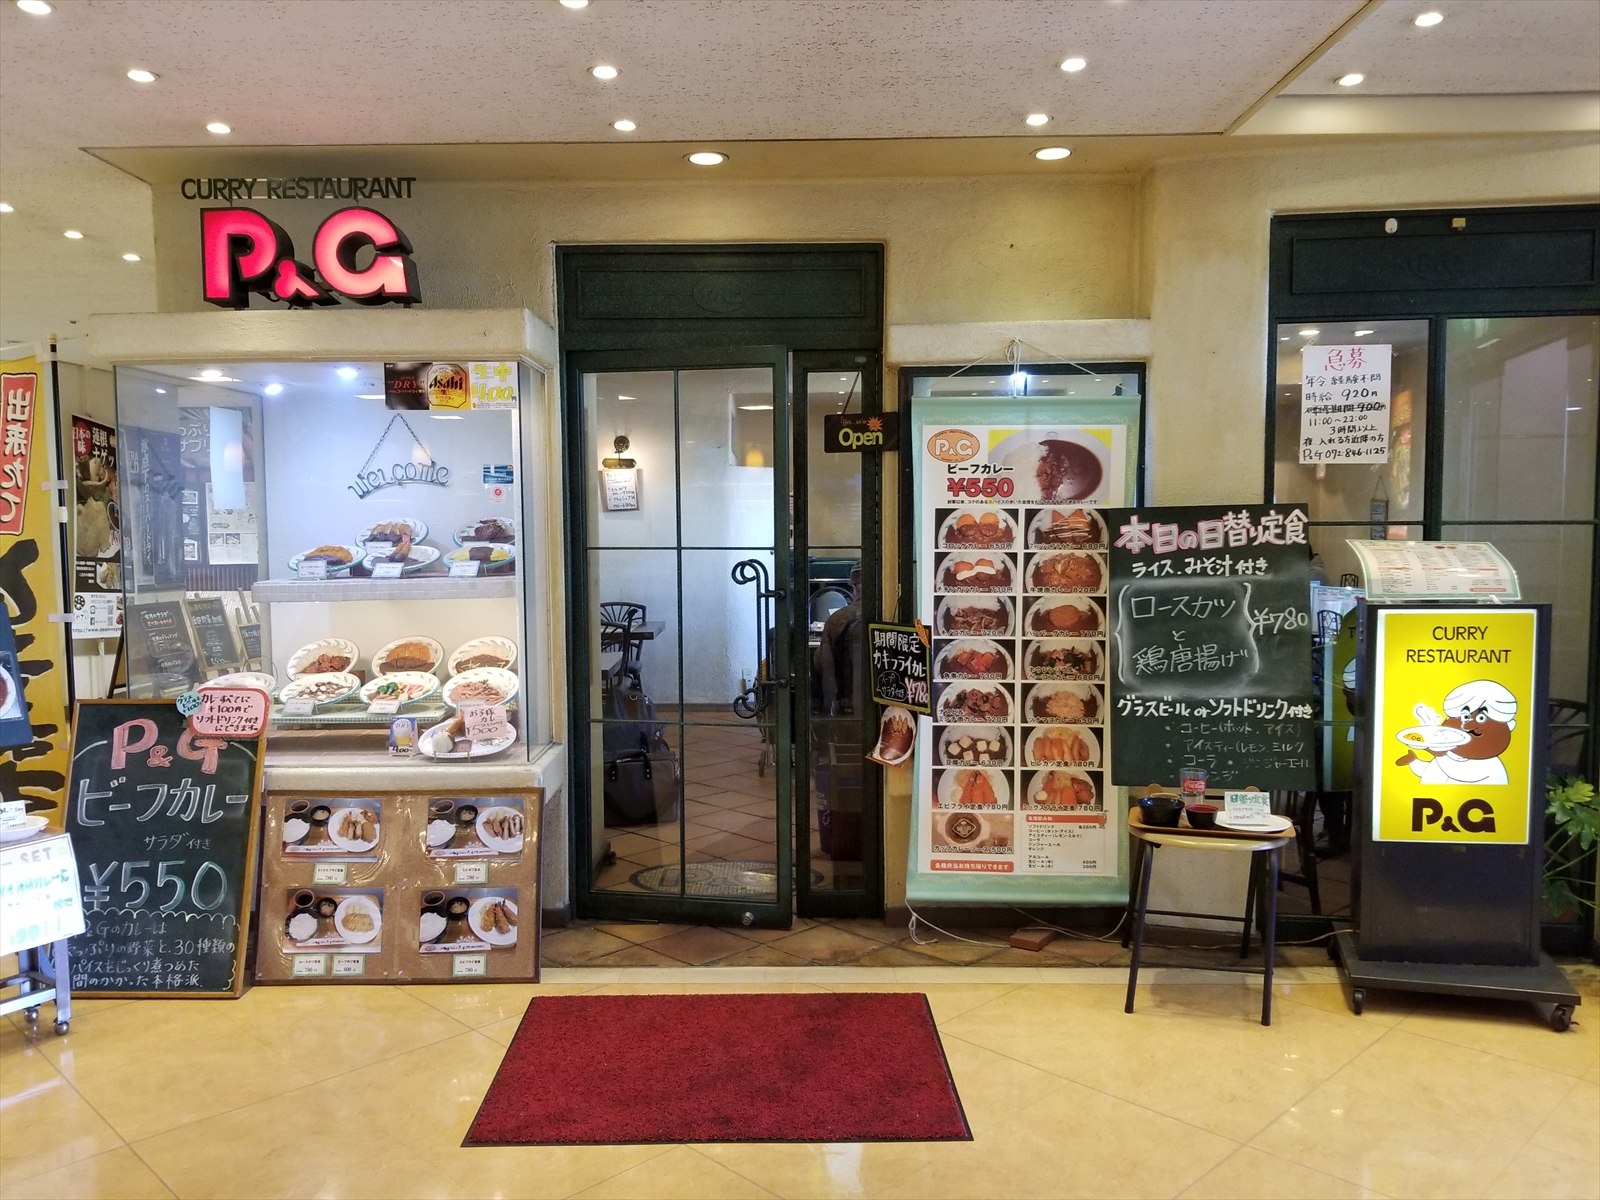 カレーハウスP&G(枚方市/カレーライス)